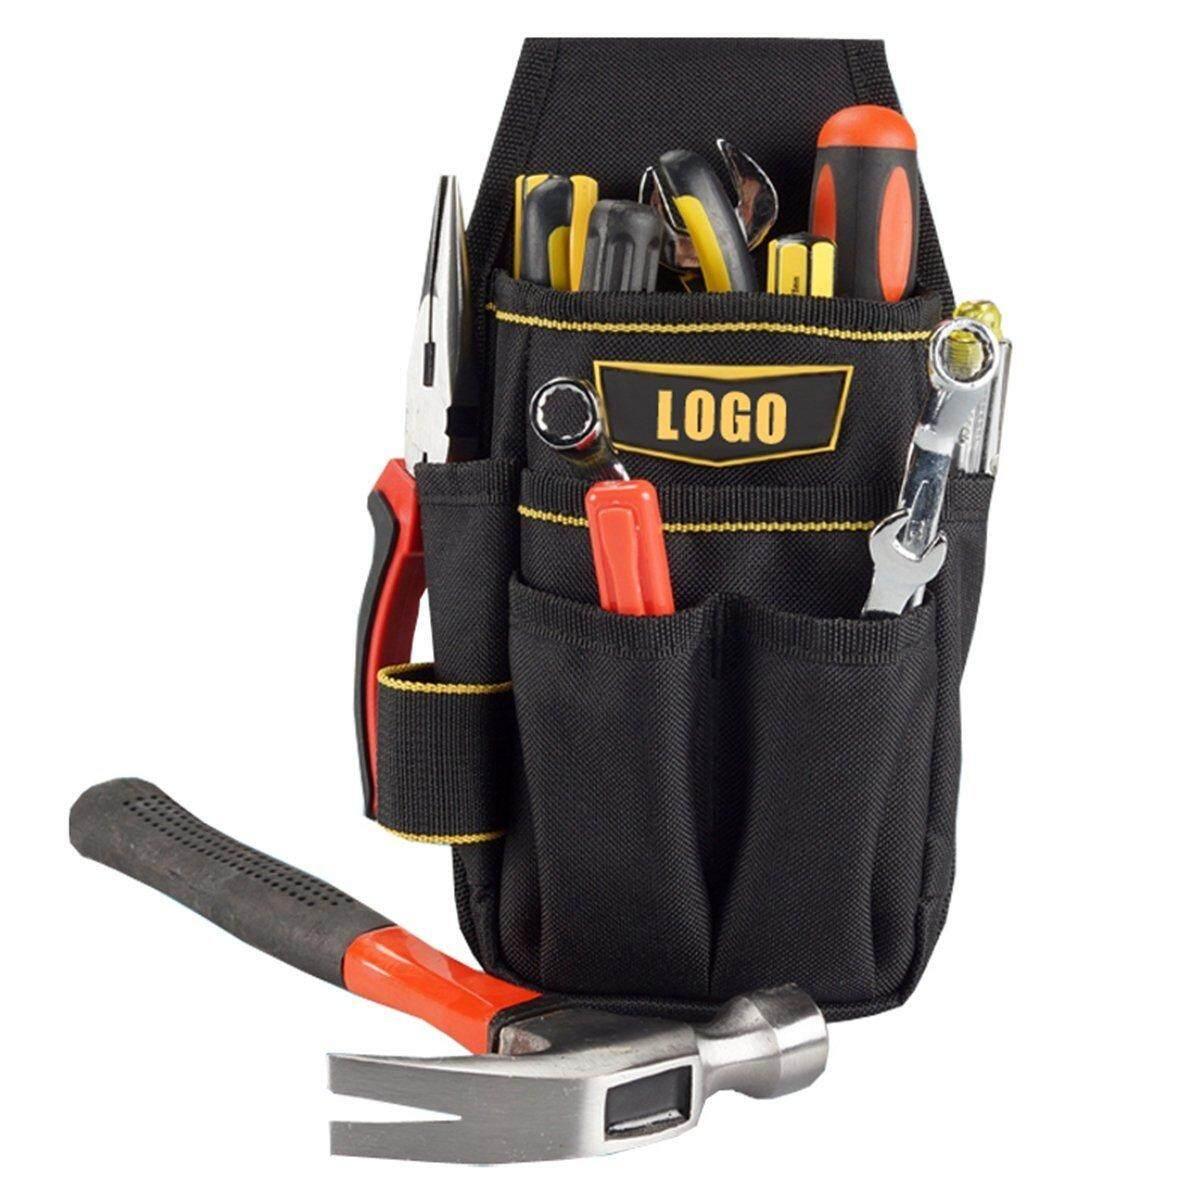 ซื้อ Jvgood Hardware Tool Kit Bag Waist Pocket Tool Bag For Tool Collection ออนไลน์ จีน